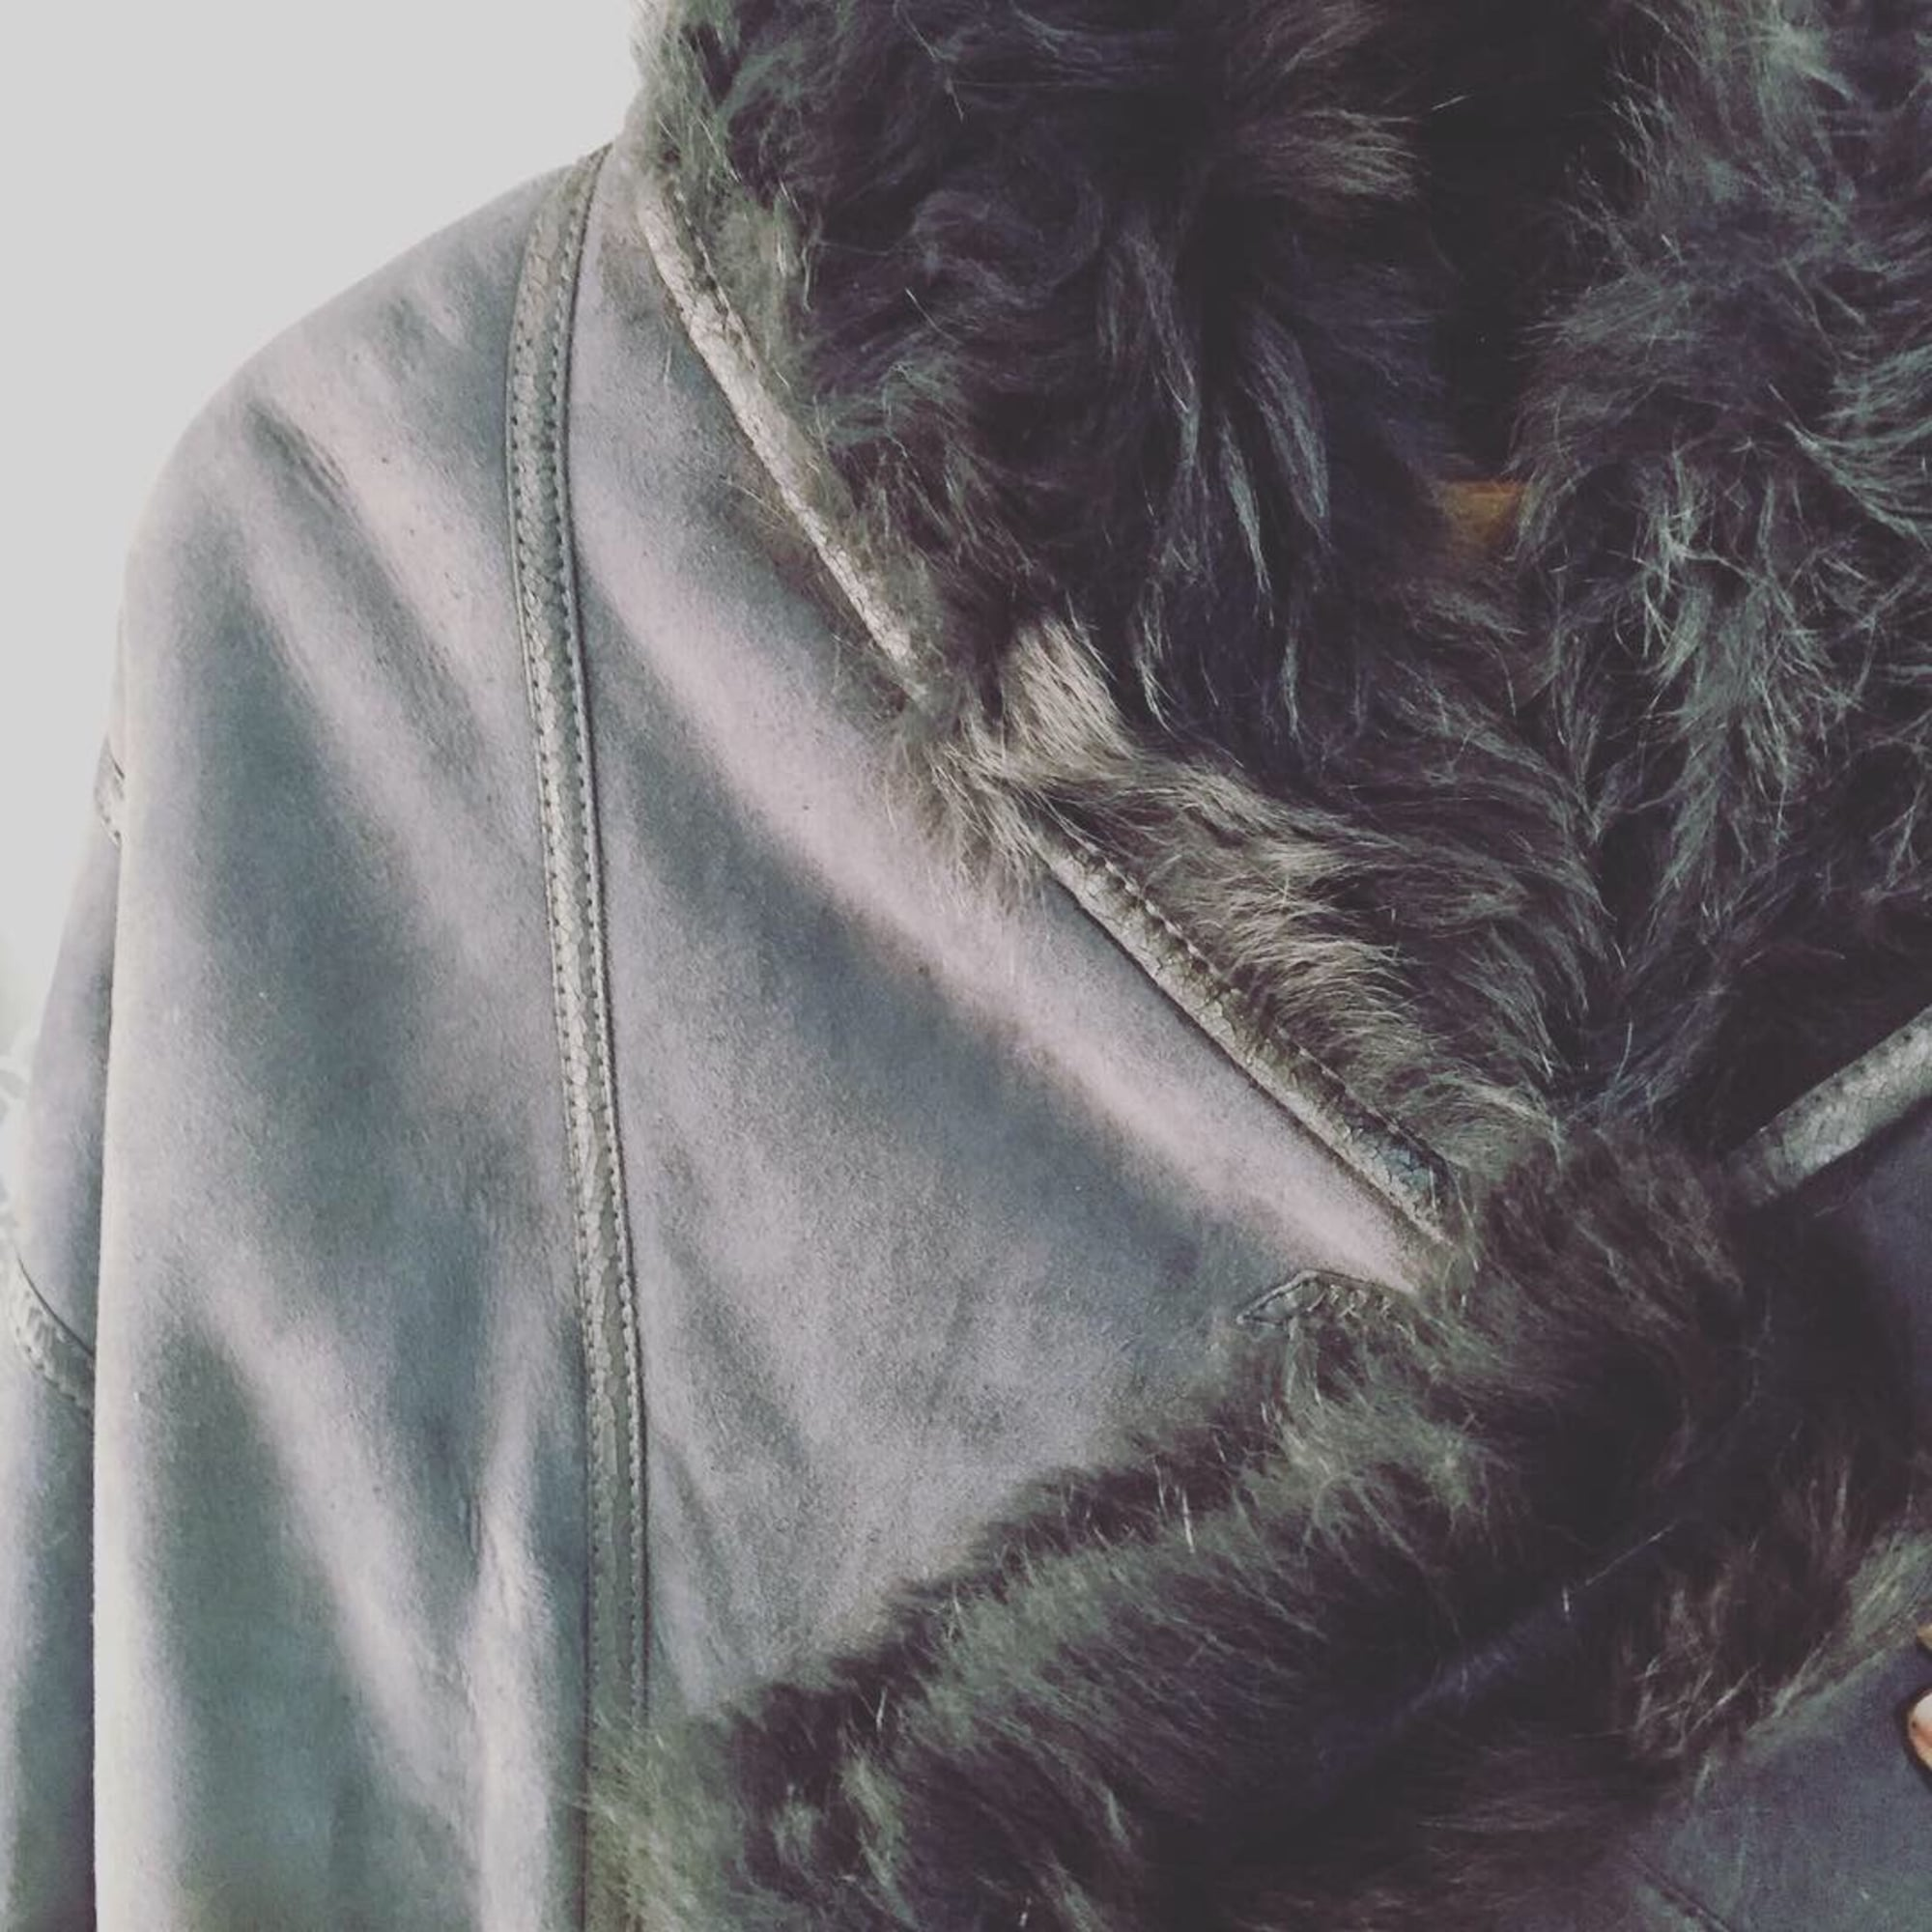 Manteau en fourrure SHEARLING Gris, anthracite